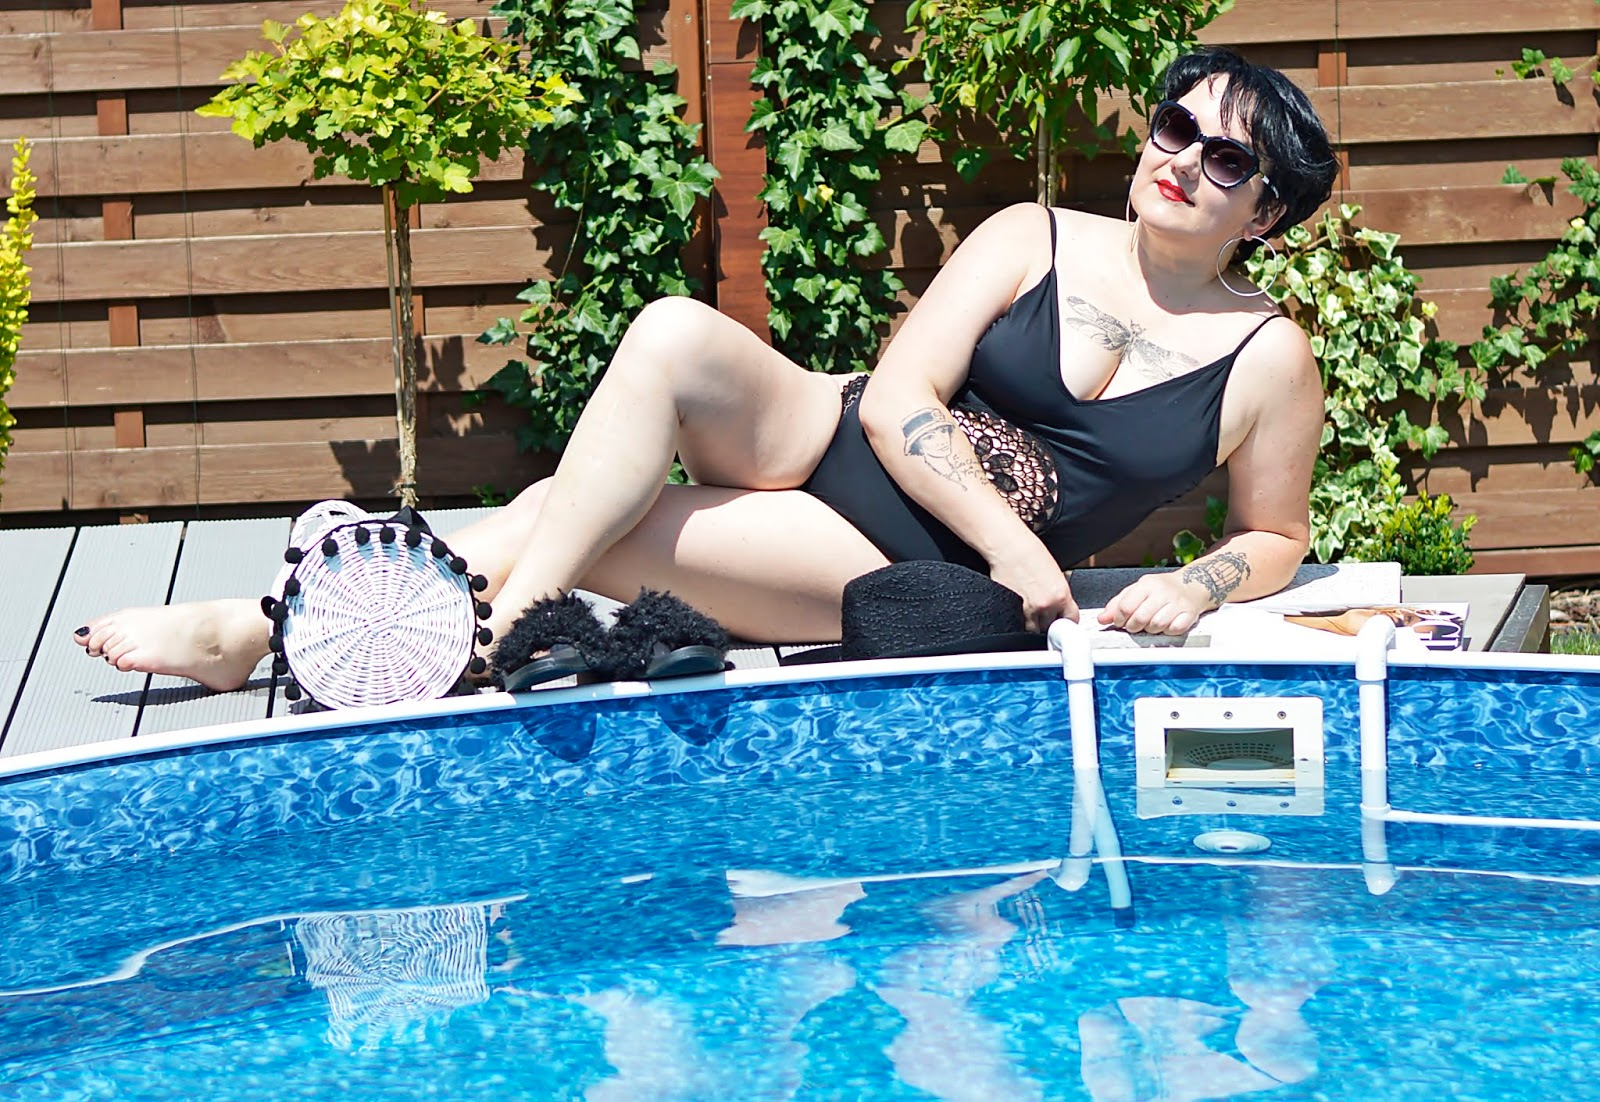 Stylizacja na basen, Czarny strój kapielowy na basen